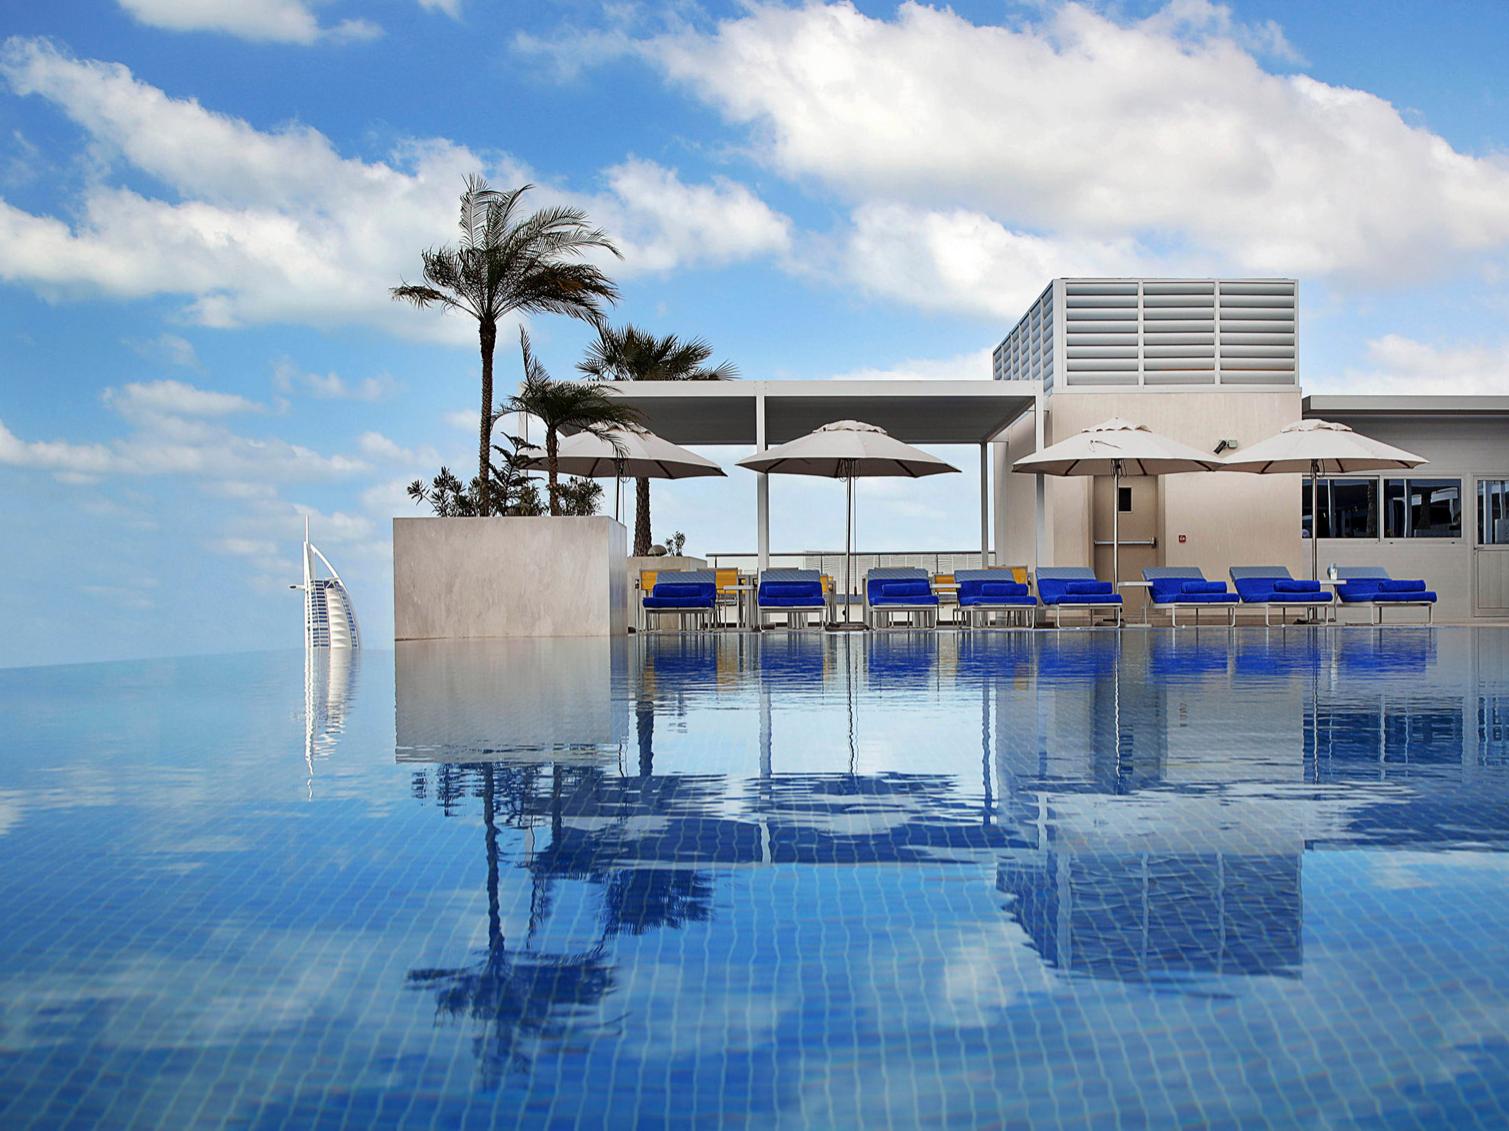 Infinity Pool at Grand Cosmopolitan Hotel in Dubai